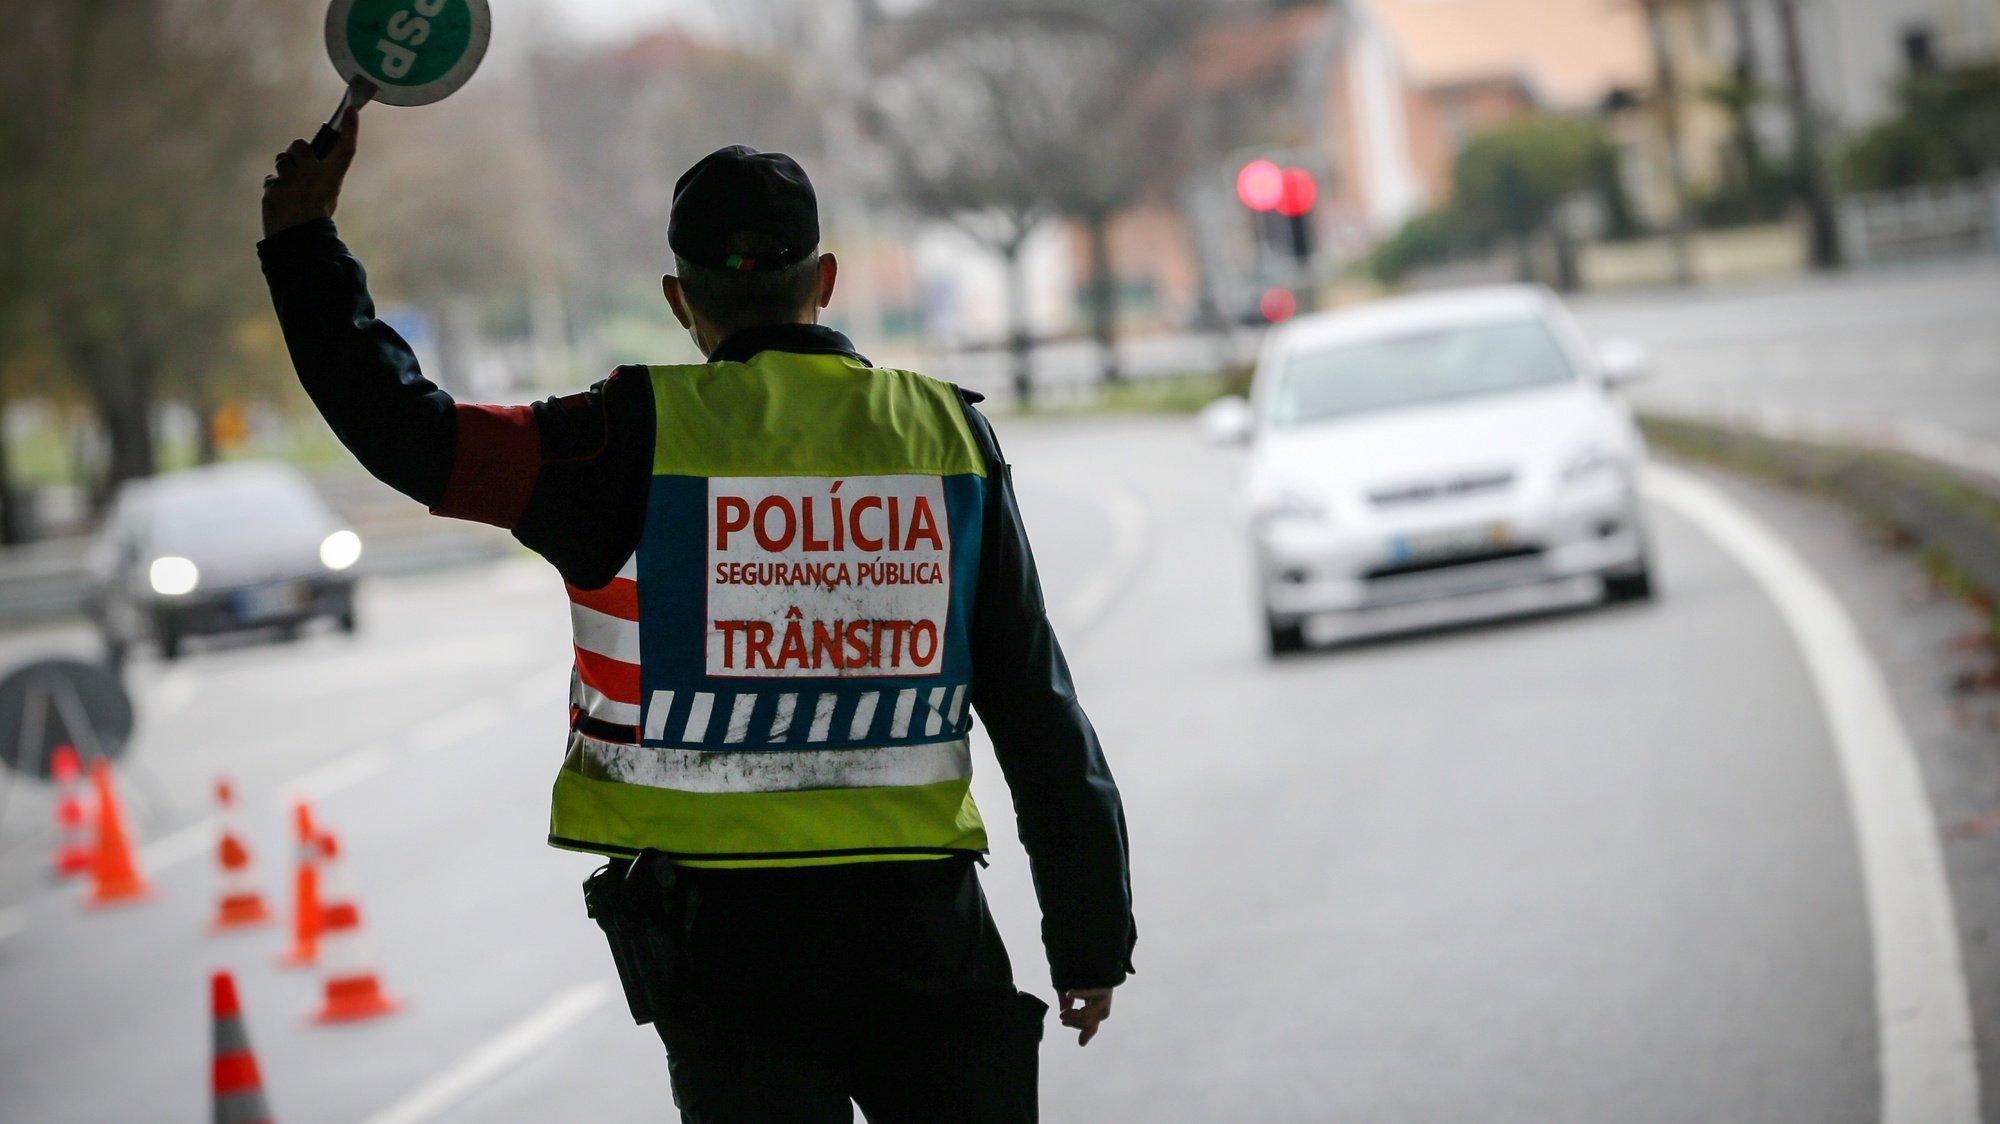 Agentes da Policia de Segurança Pública (PSP) controlam o tráfego rodoviário na Circunvalação durante o recolher obrigatório do estado de emergência no âmbito das medidas de contenção da covid-19, Porto, 15 novembro 2020. O Presidente da República, Marcelo Rebelo de Sousa, decretou o estado de emergência em Portugal, por 15 dias para permitir medidas de contenção da covid-19. JOSÉ COELHO/LUSA